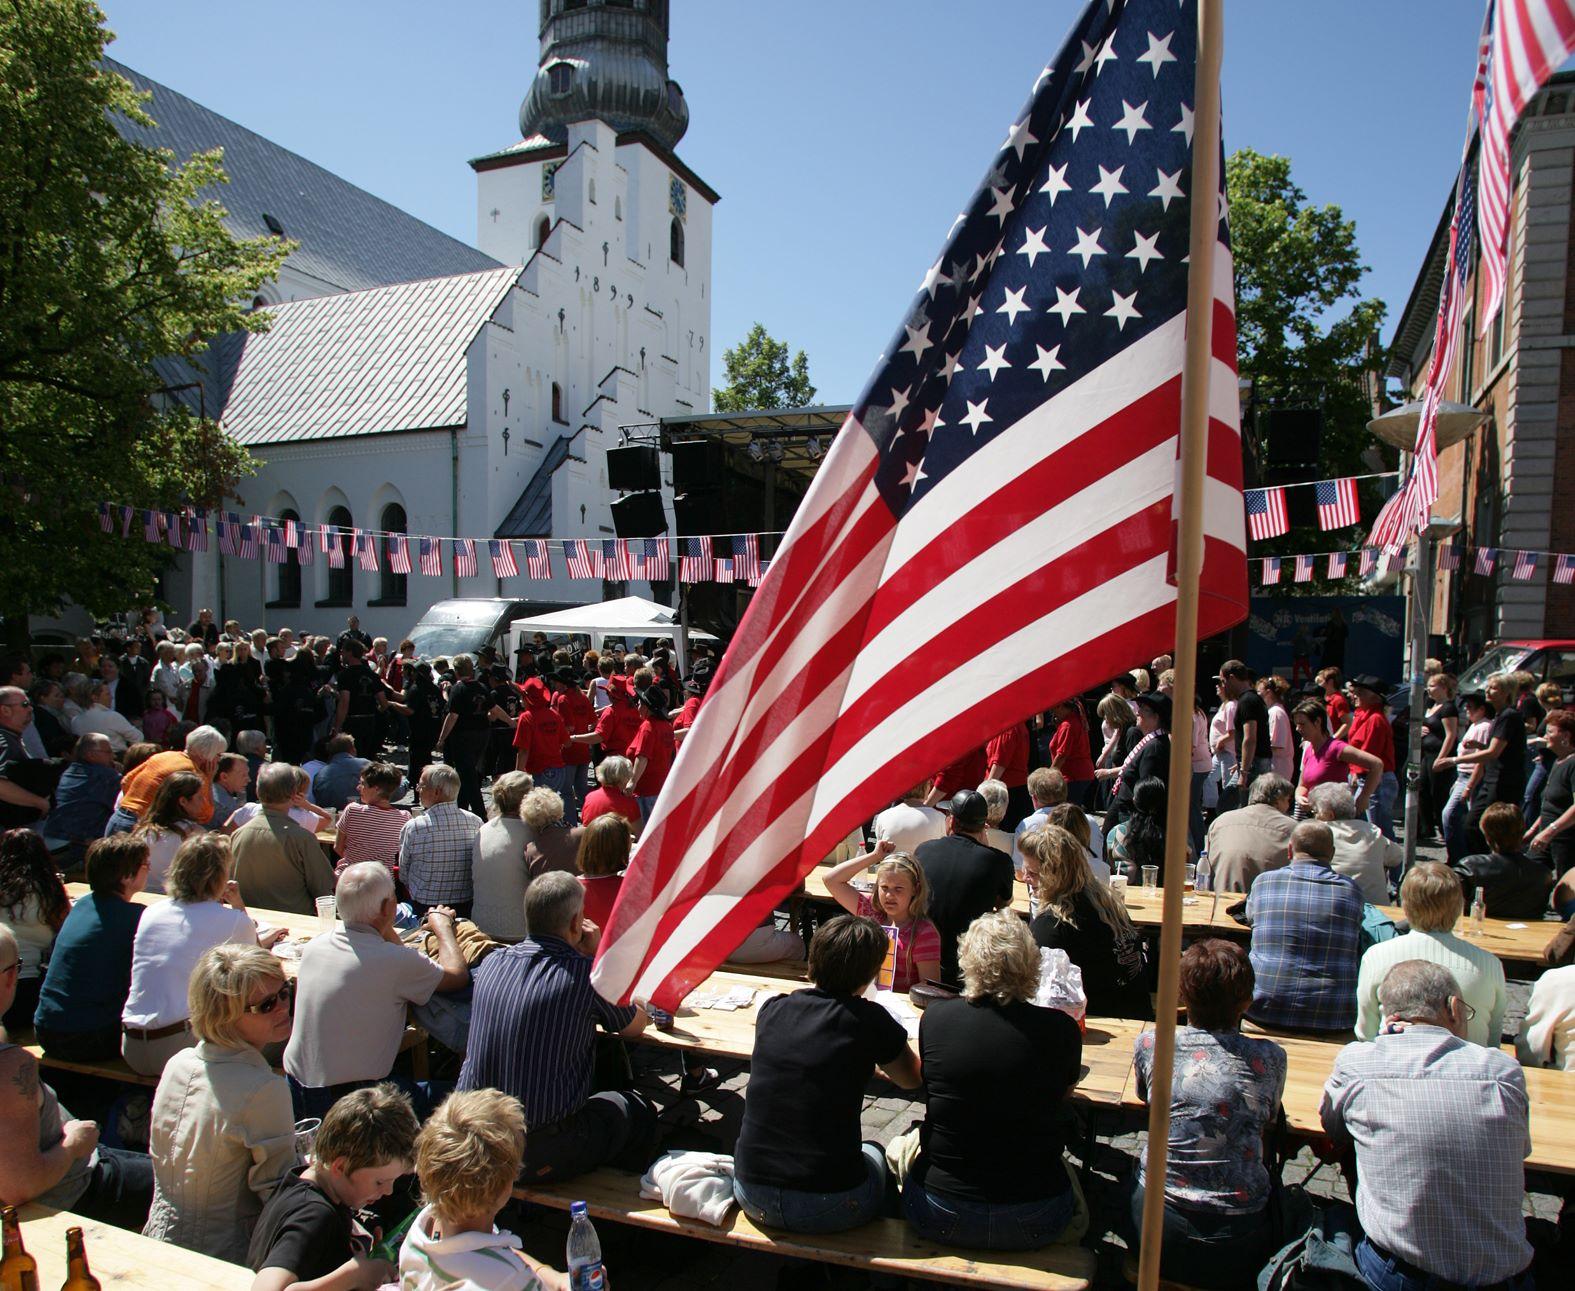 Nyt initiativ skal få flere nordamerikanere til Nordjylland, der blandt andet har Rebild Bakker syd for Aalborg og kendt for den årlige festlighed i forbindelse med USA's uafhængighedsdag, 4. juli. Pressefoto: VisitAalborg.